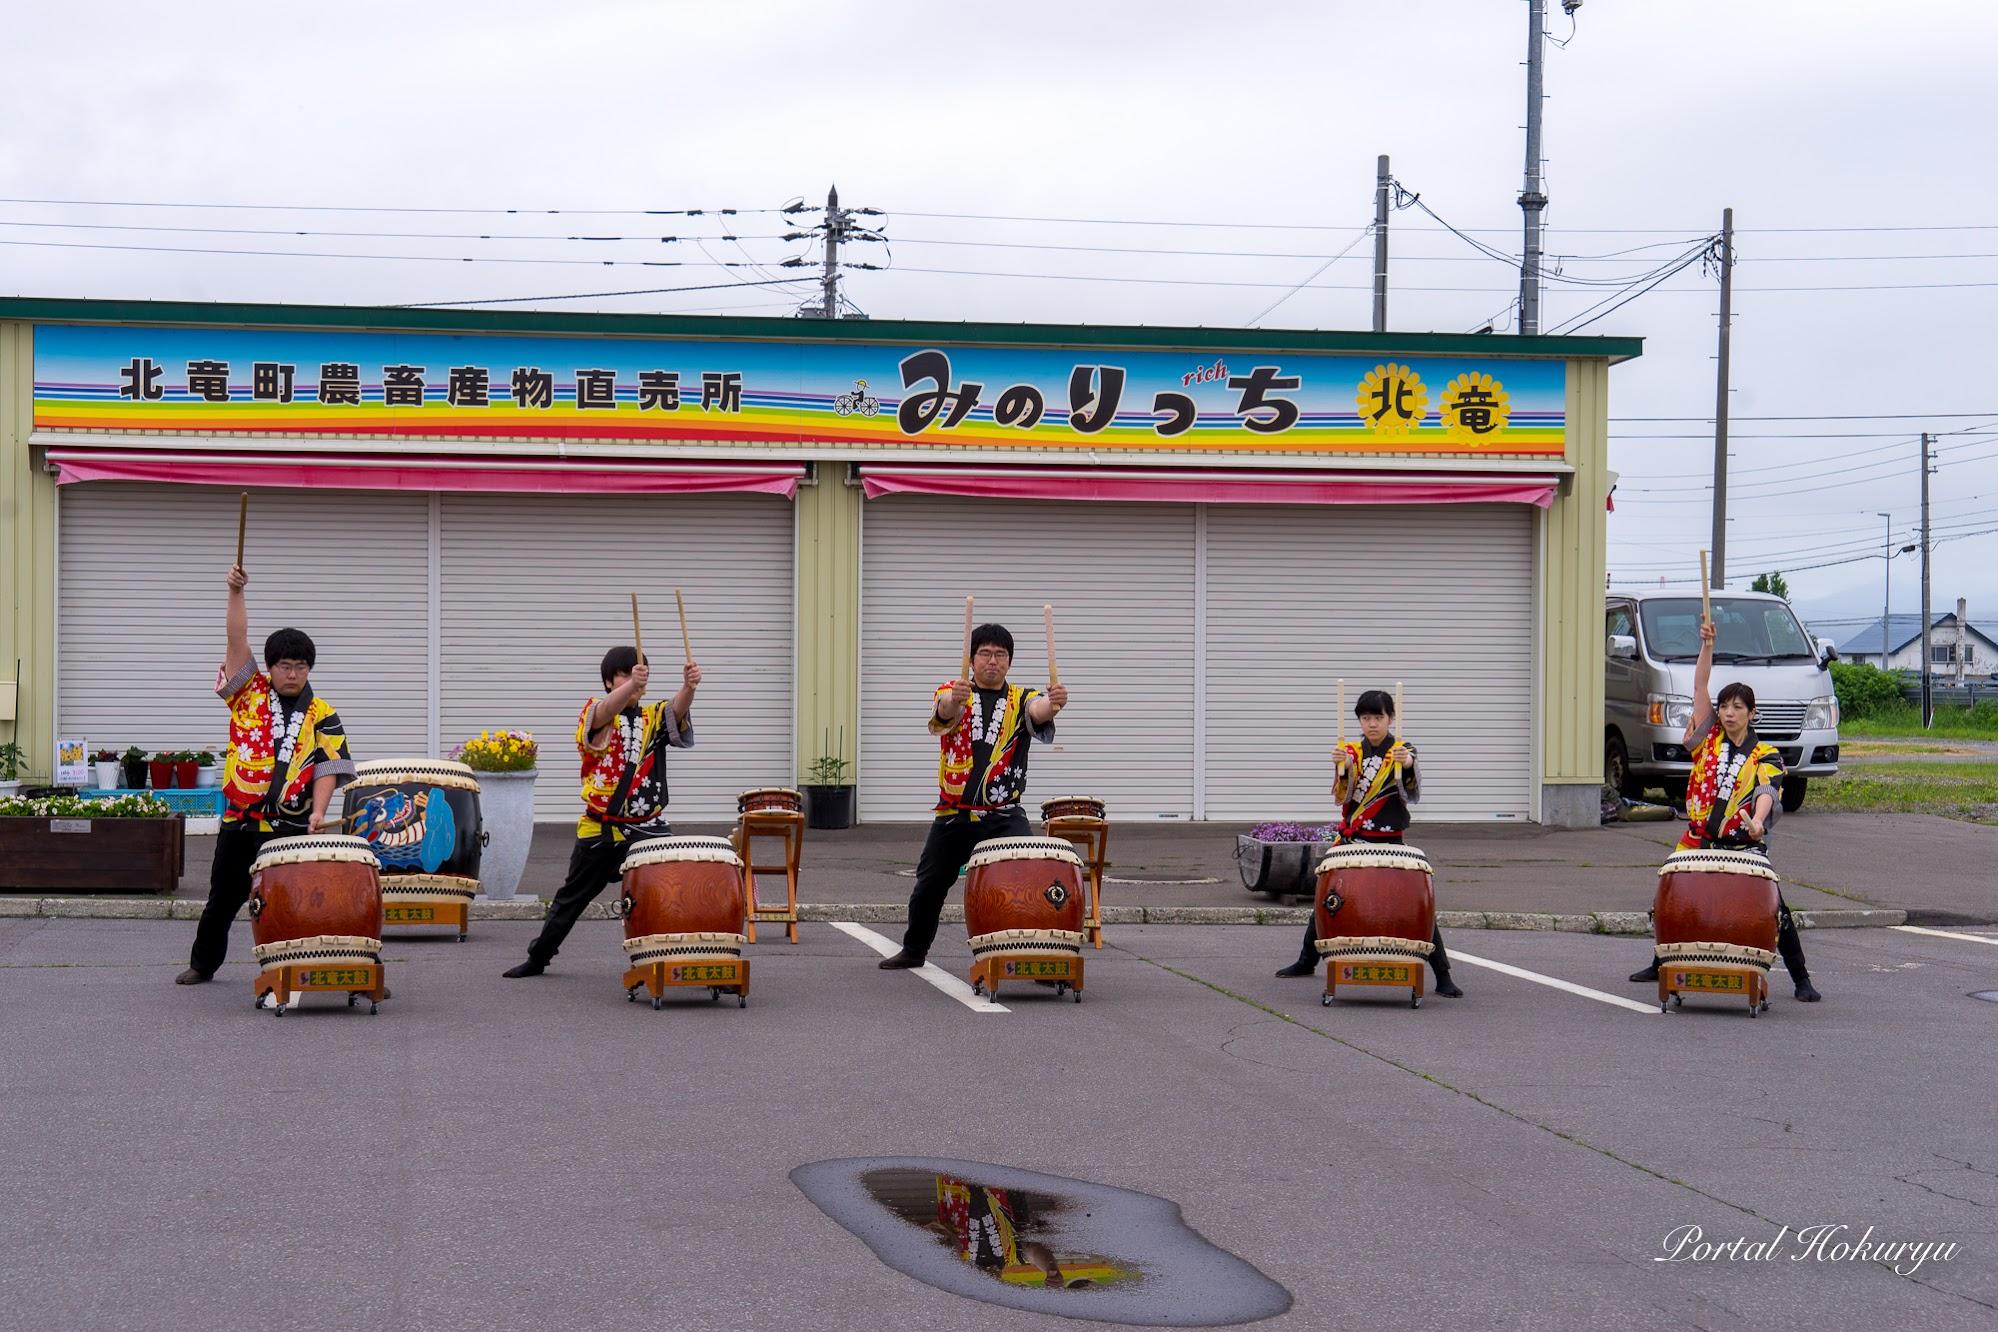 北竜太鼓のメンバーによる演奏